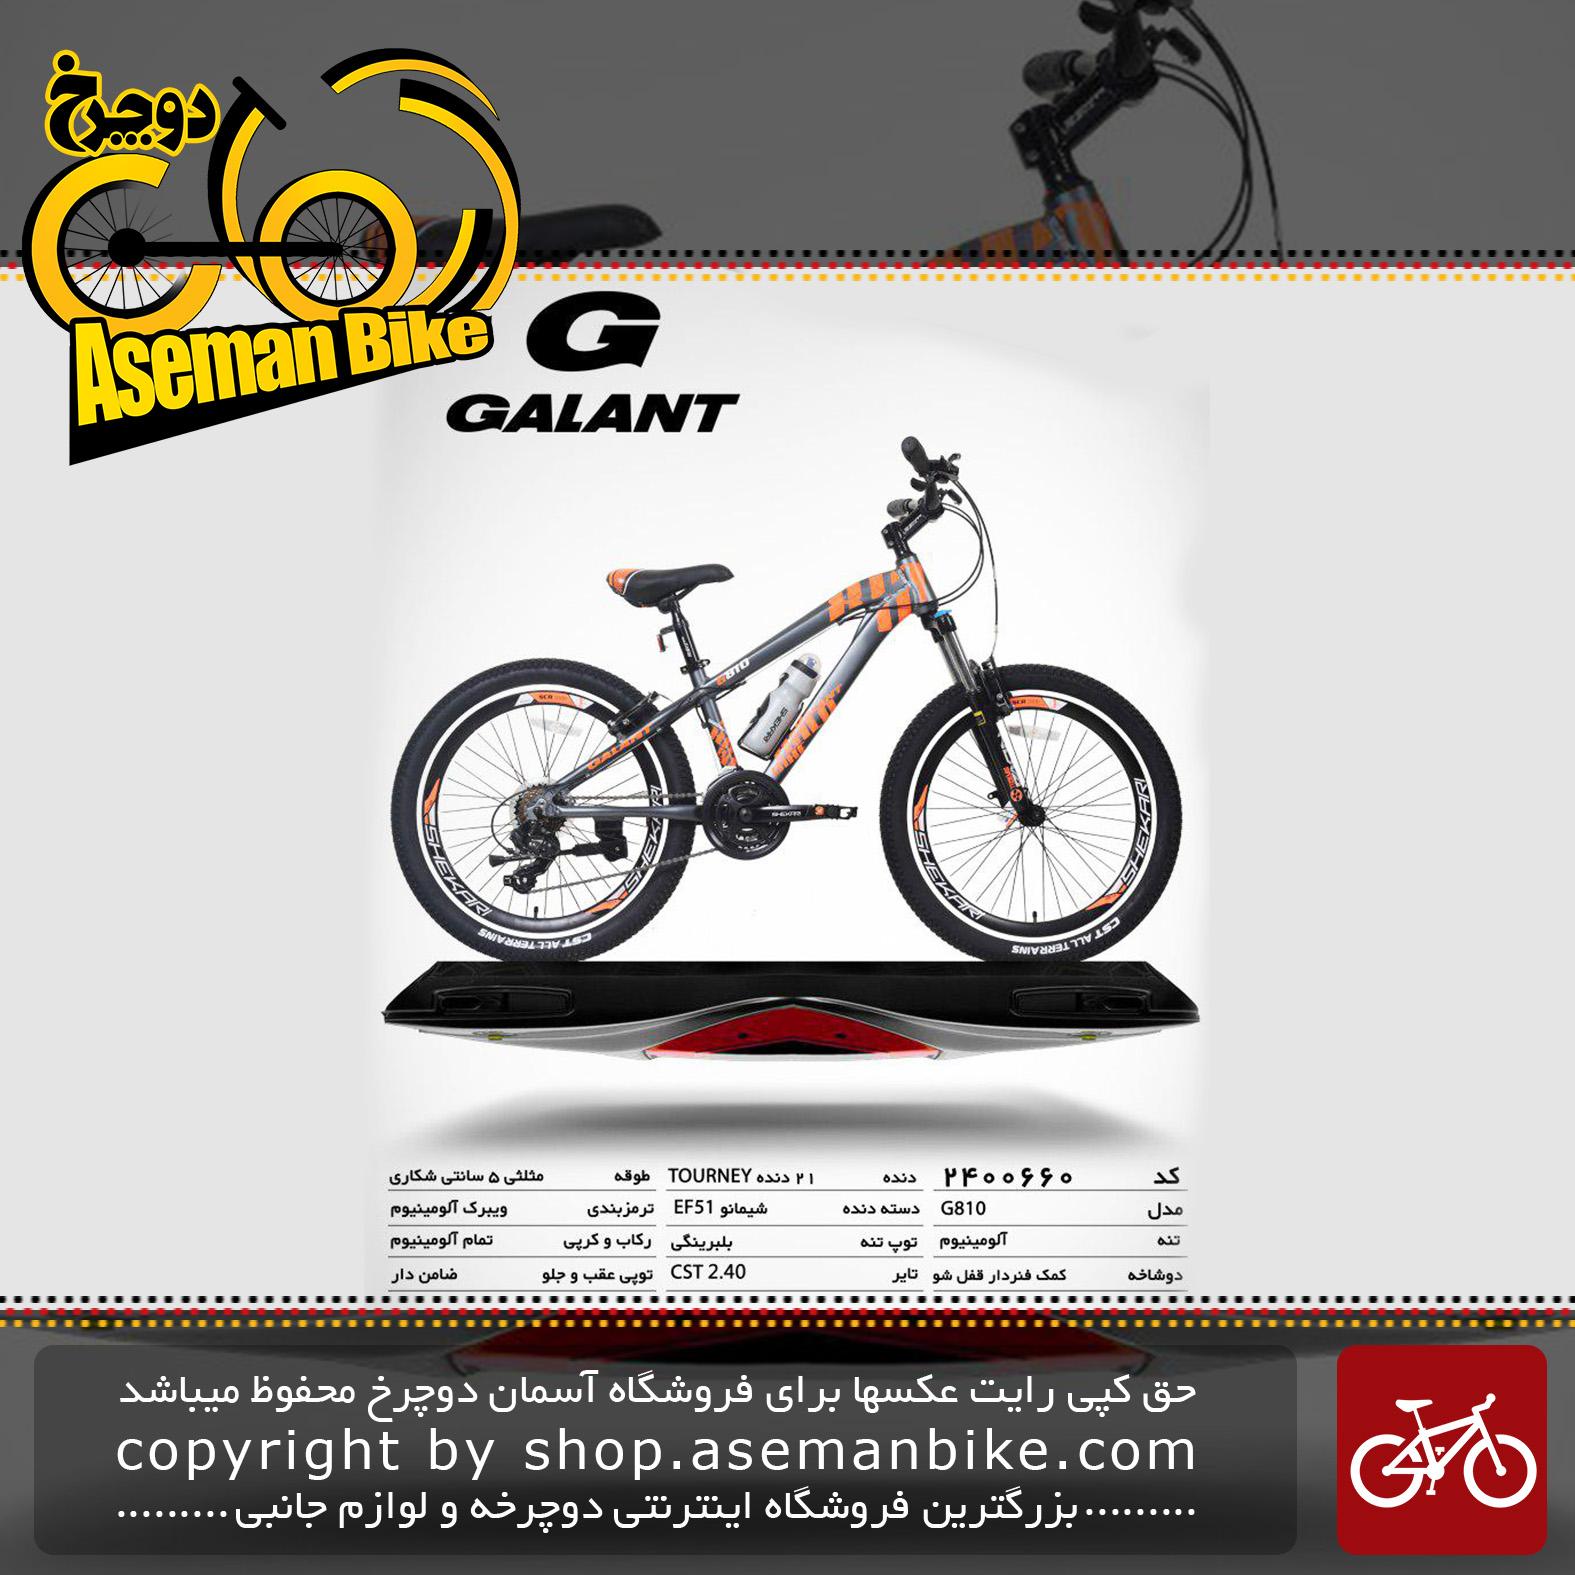 دوچرخه کوهستان شهری گالانت 660 21 دنده سایز 24 ساخت تایوان GALANT Mountain City Bicycle Taiwan 660 24 2019